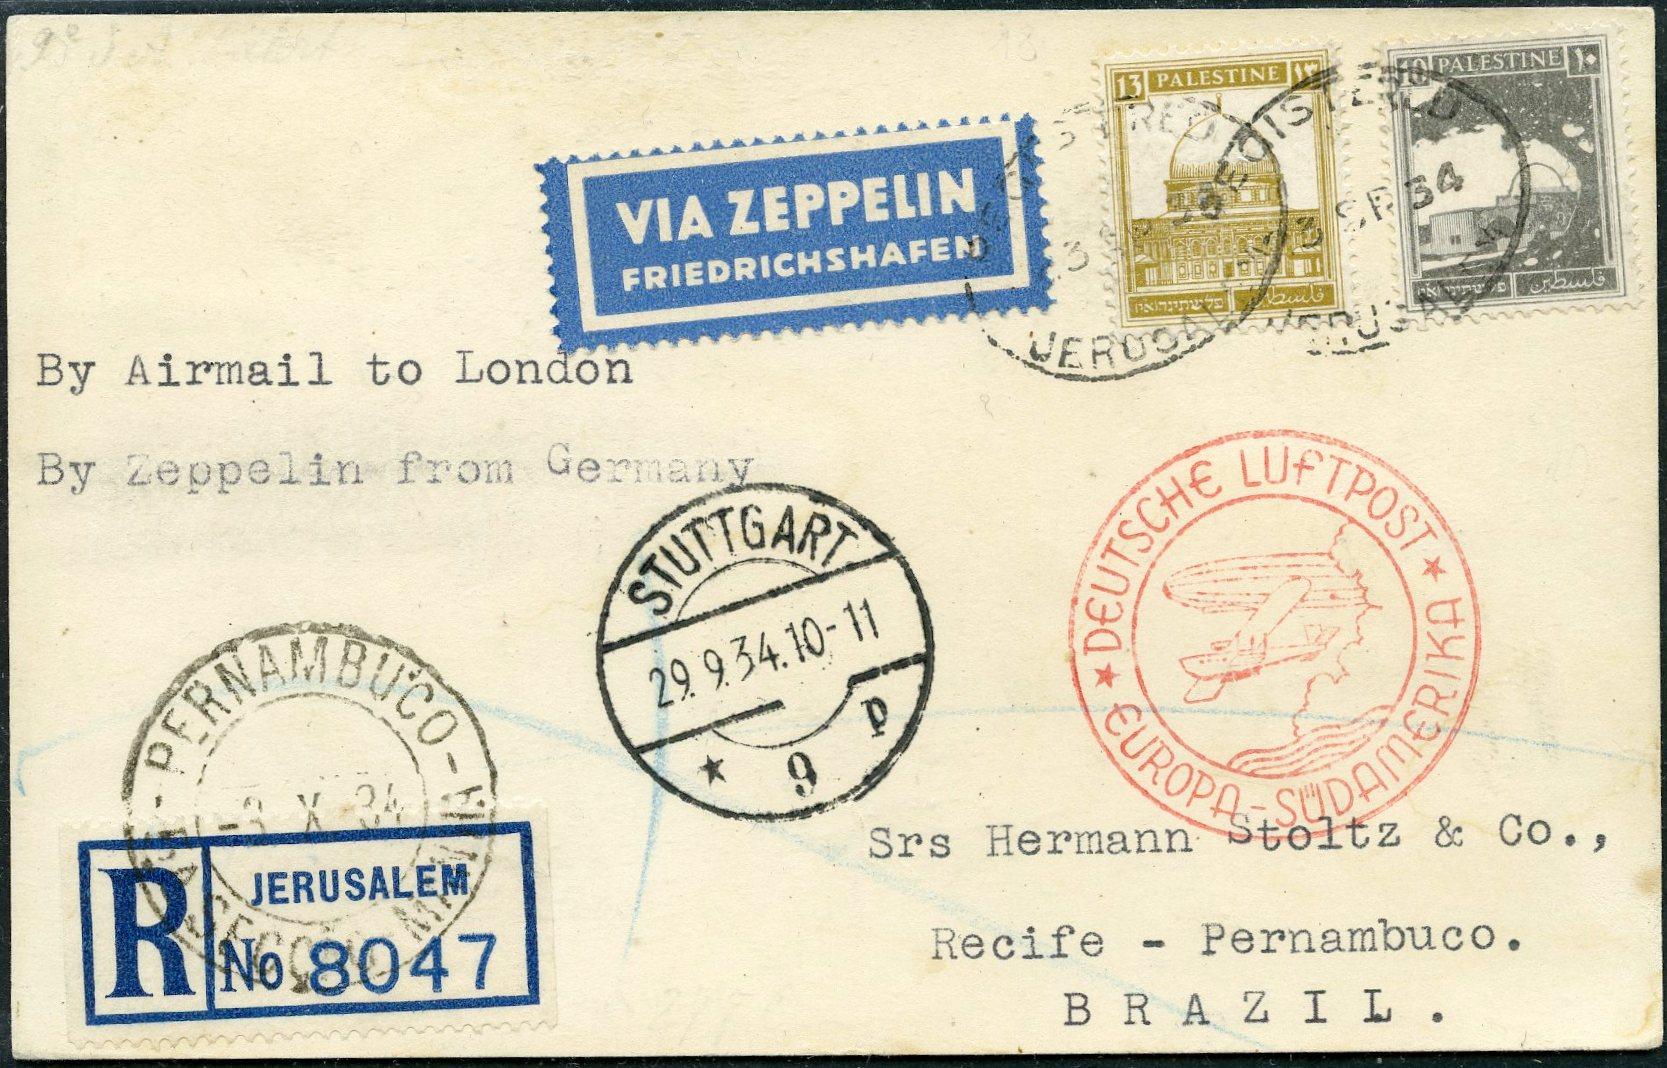 Lot 15 - MARITIME  &  ZEPPELIN  -  Tel Aviv Stamps Ltd. Auction #46